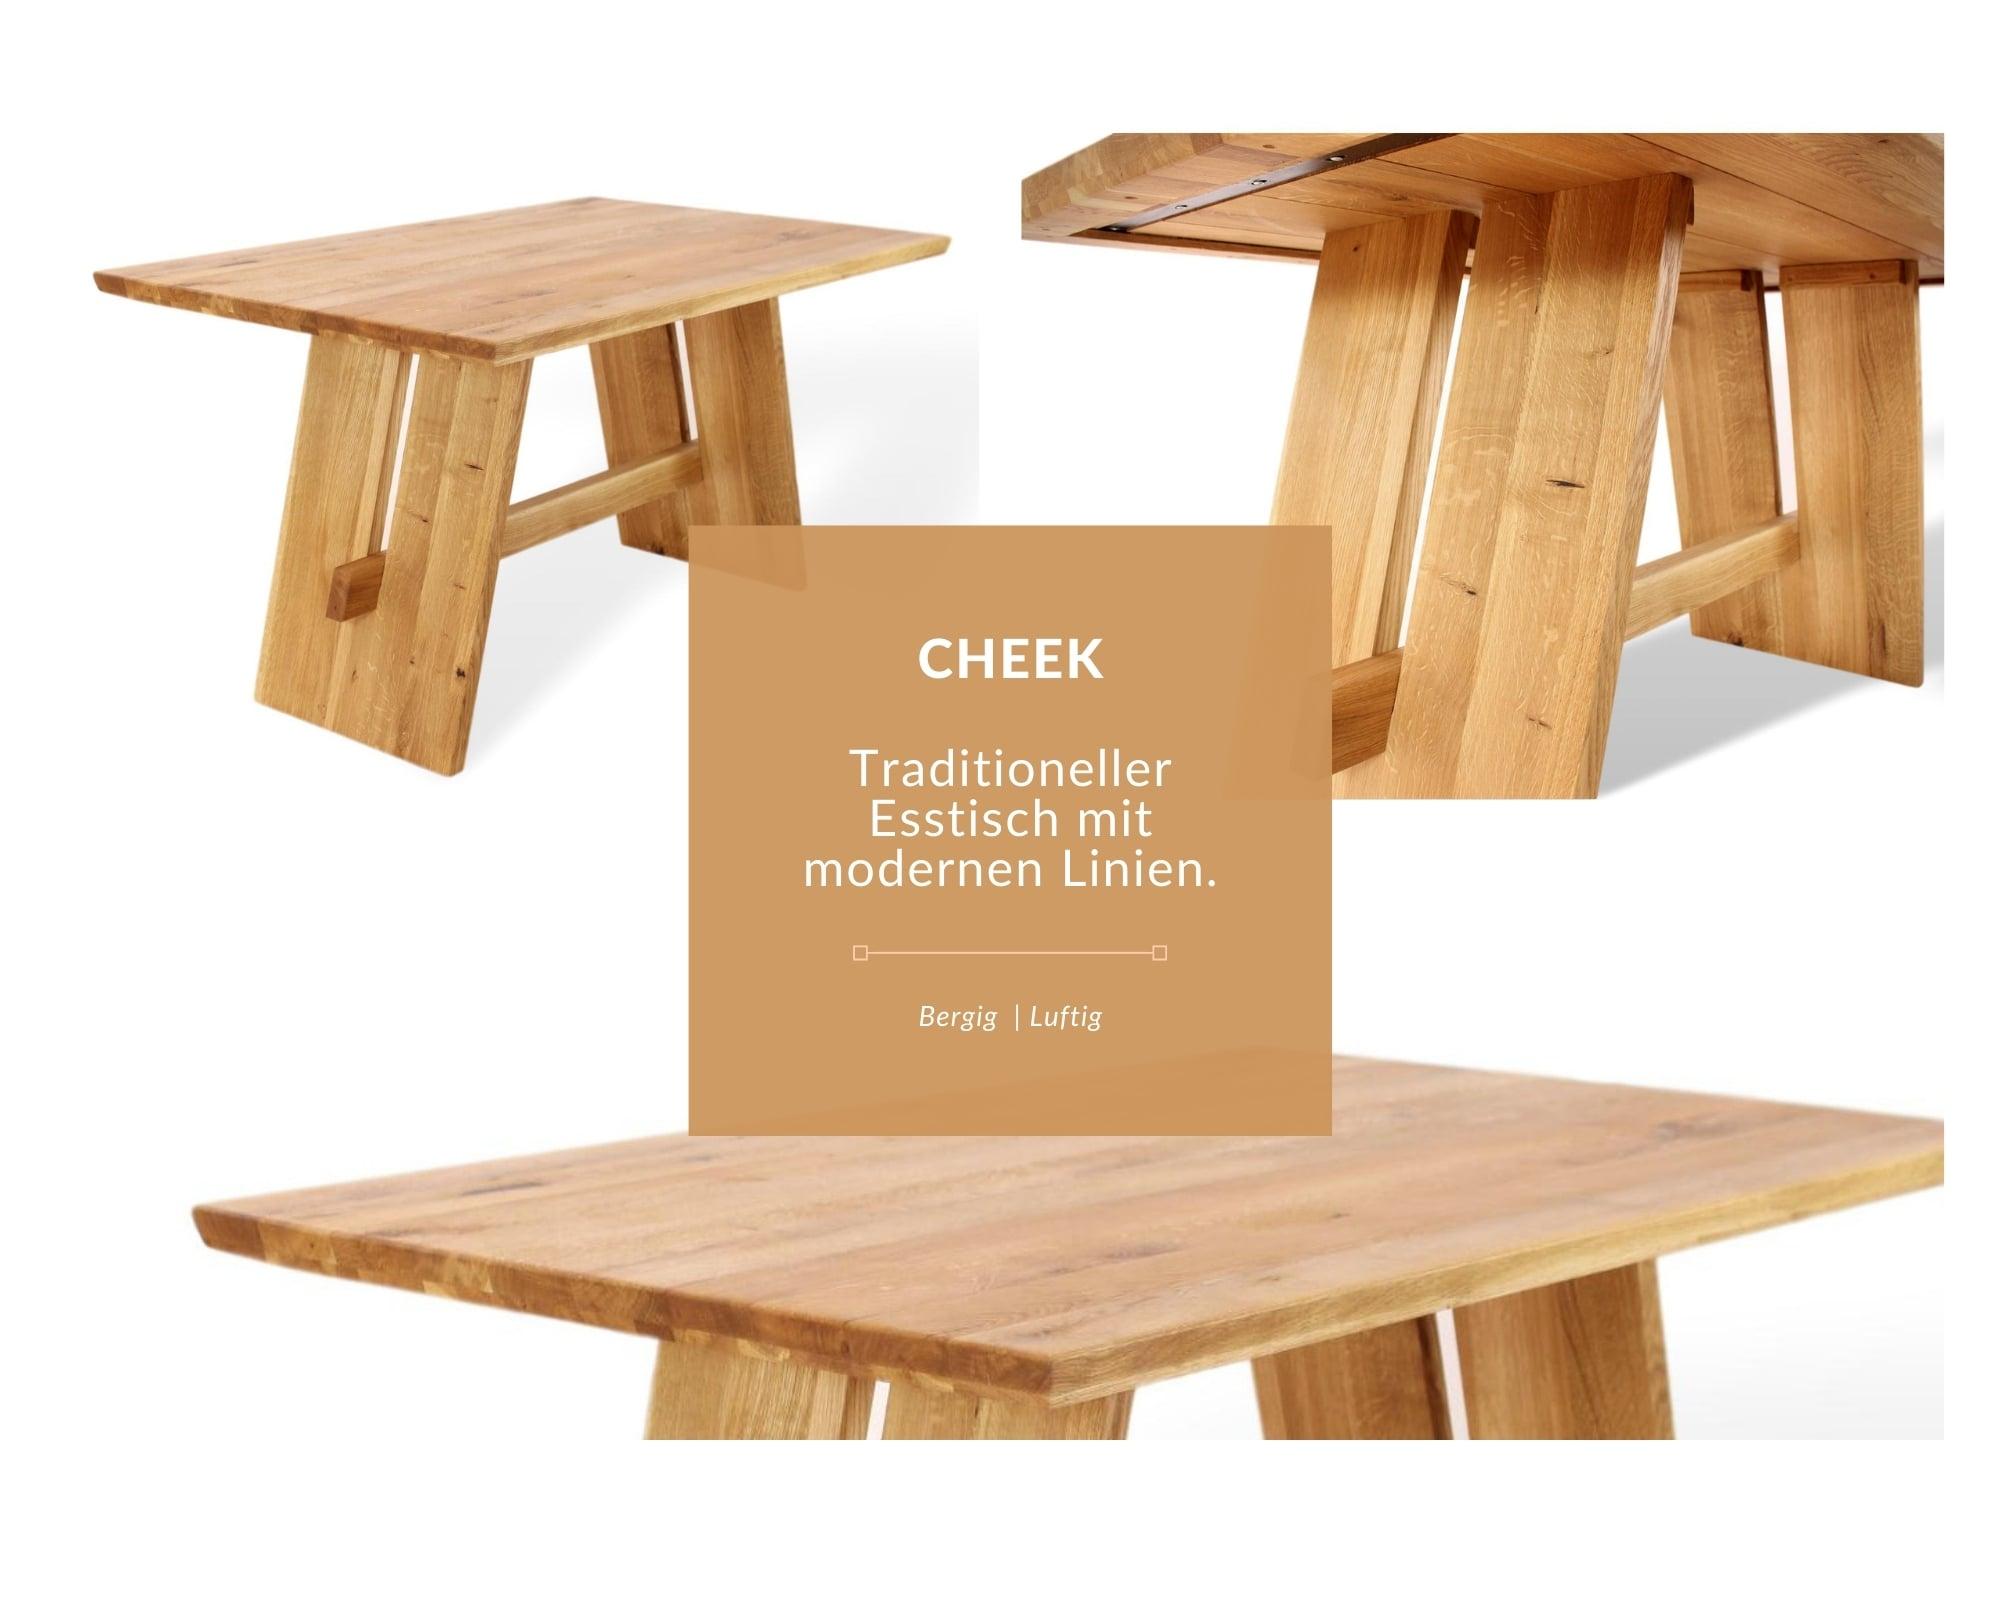 moderner esstisch aus naturholz mit wangen-in-detail